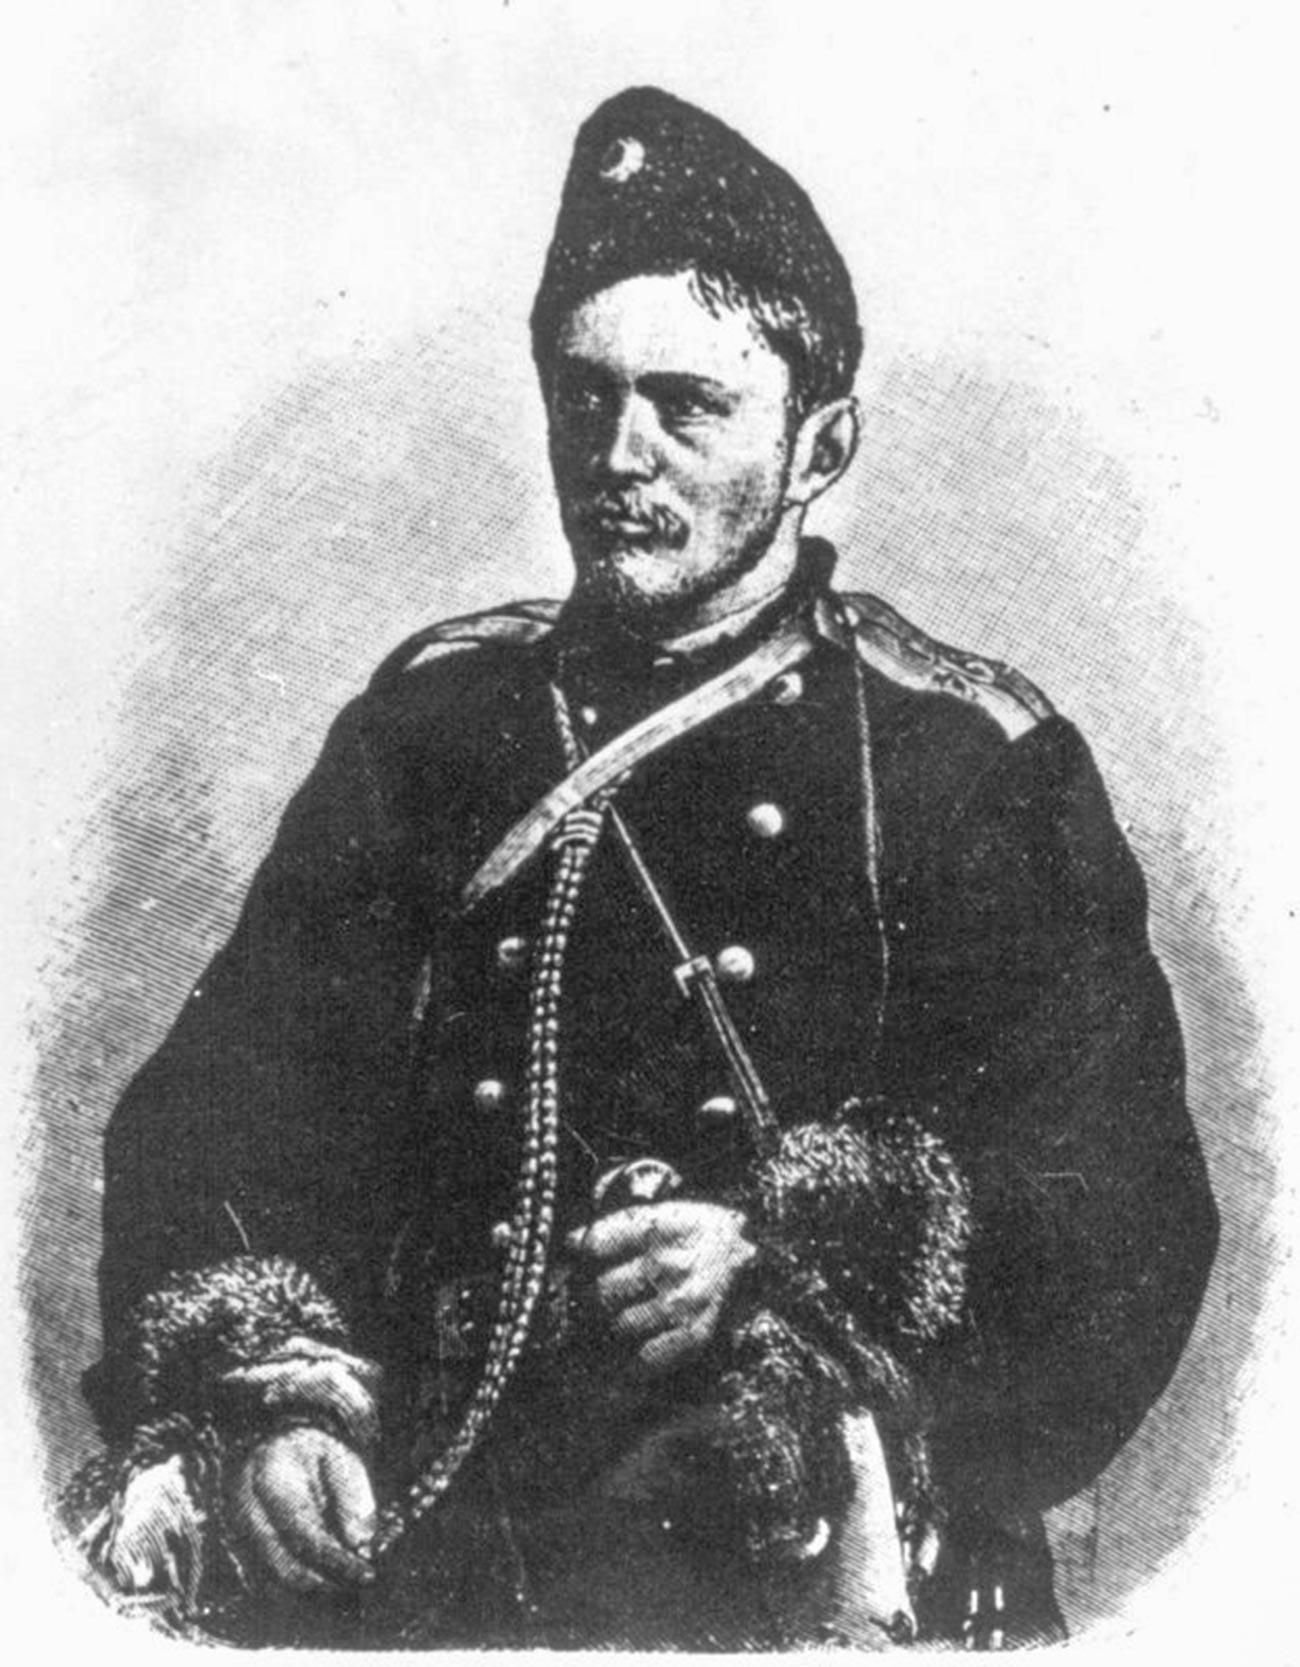 Дмитриј Николајевич Пешков, амурски козак